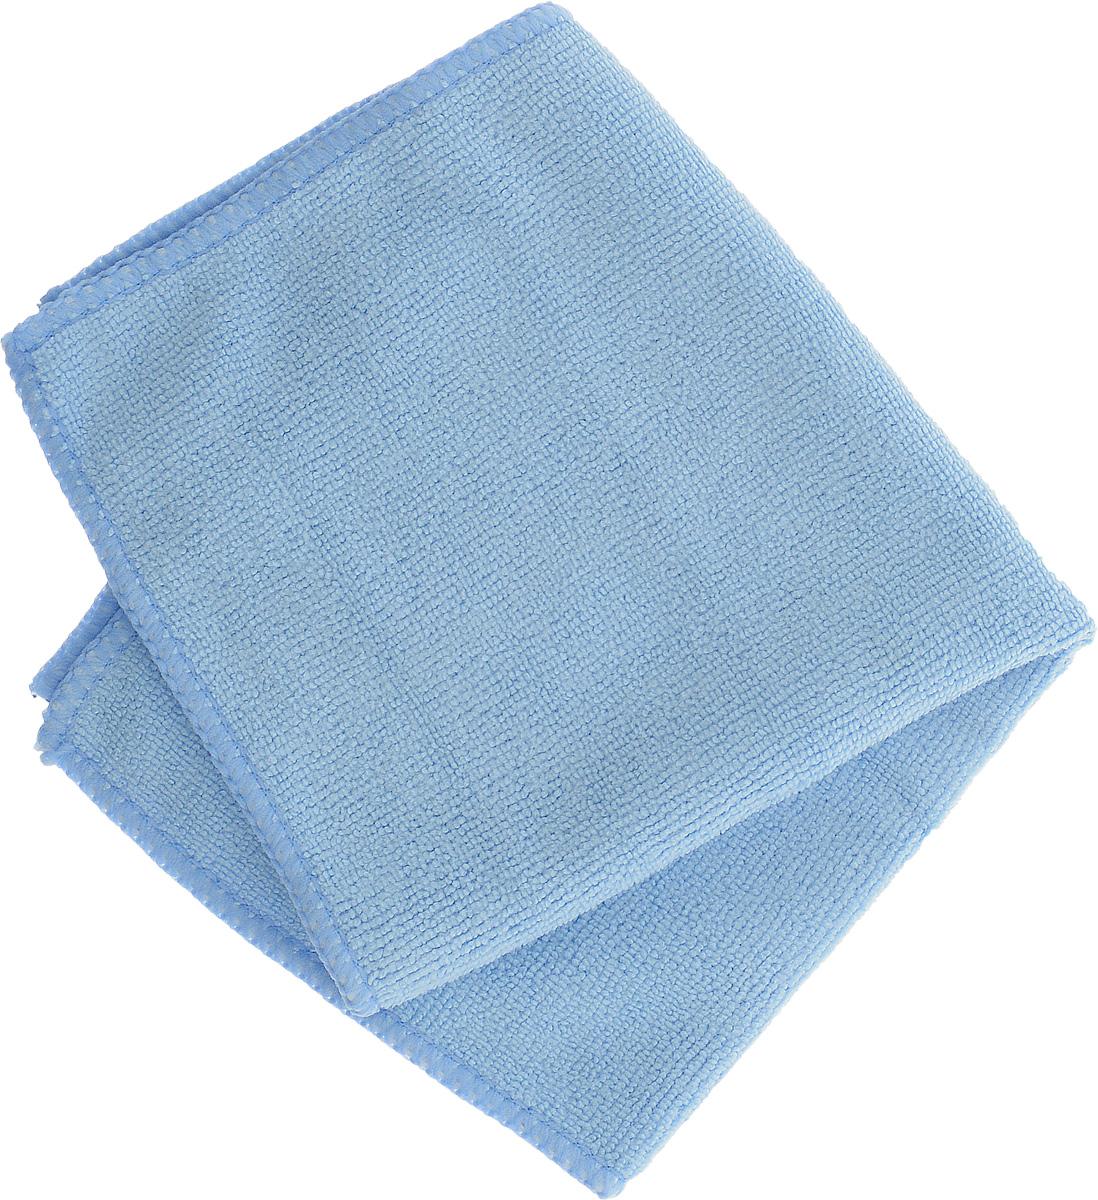 Салфетка для ухода за автомобилем Pingo, цвет: голубой, 32 x 32 см2-6-1-4-2Салфетка для ухода за автомобилем Pingo предназначена для полировки кузова автомобиля, а также лобового стекла, пластика и хрома, обивки сидений. Подходит для влажной и сухой уборки. Может быть использована без химических средств, отлично впитывает воду, пыль и грязь. Состав: 70% полиэстер, 30% полиамид.